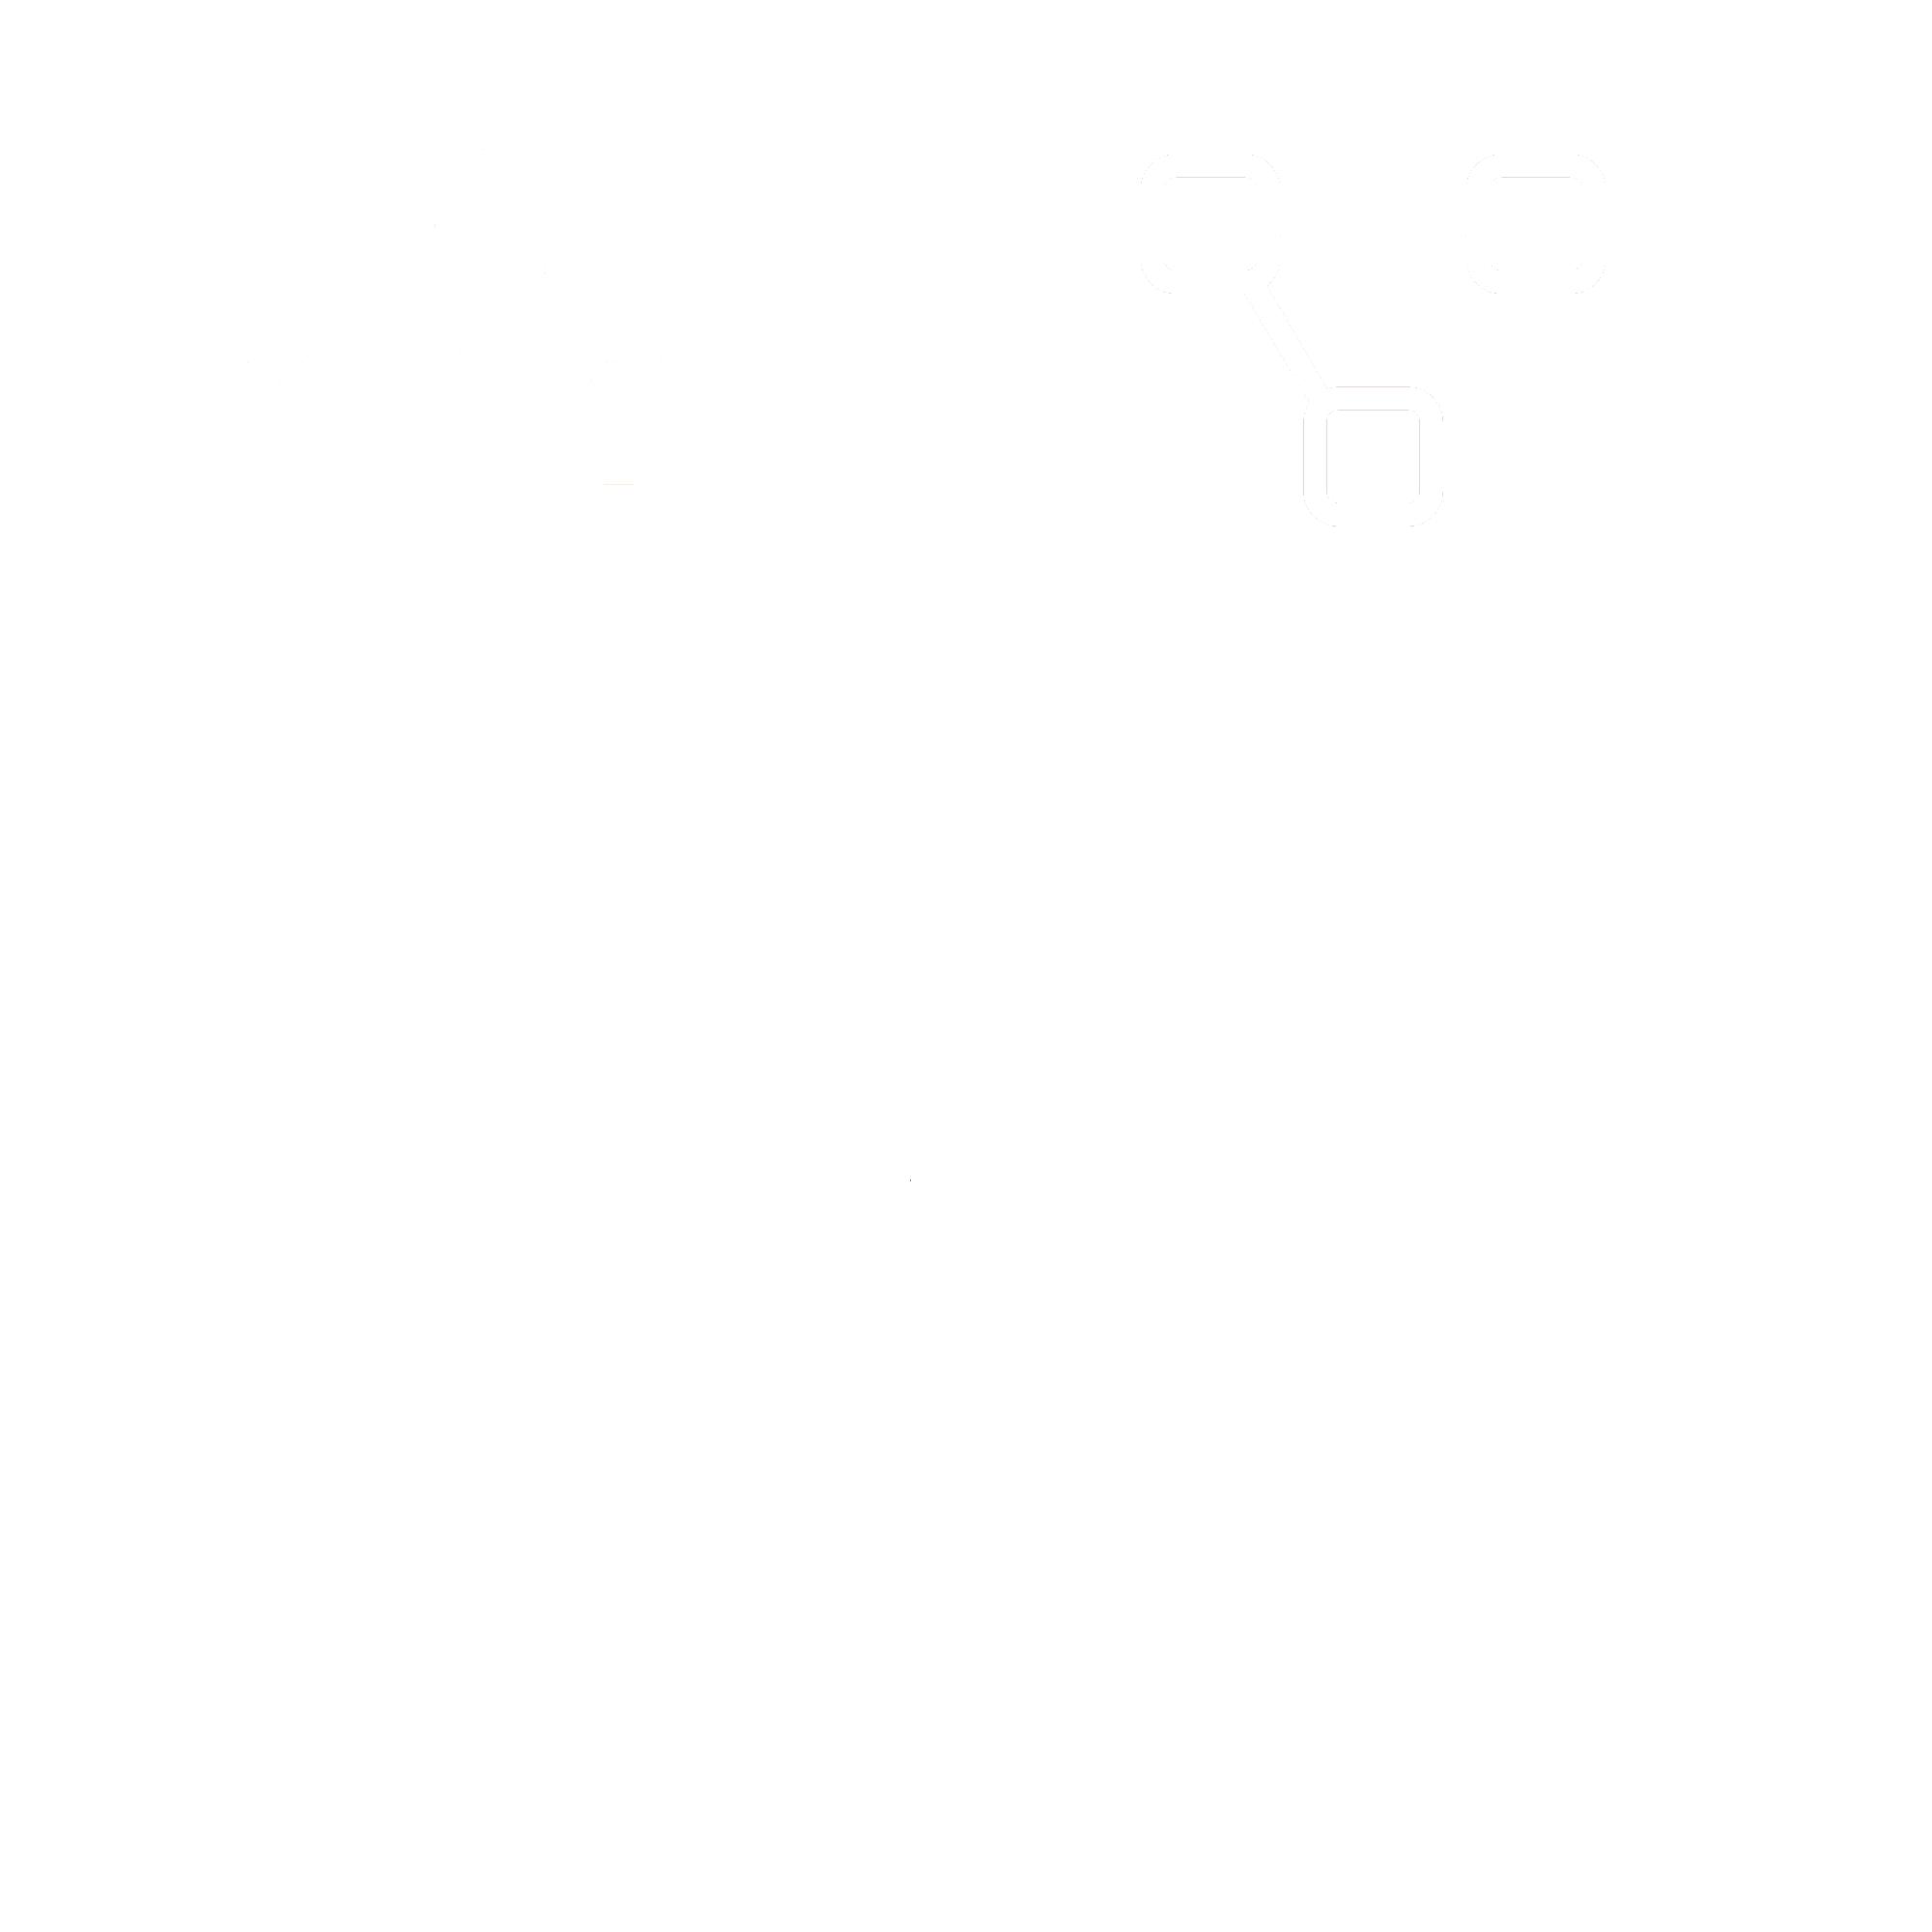 proles - Übersicht der Anwendungen